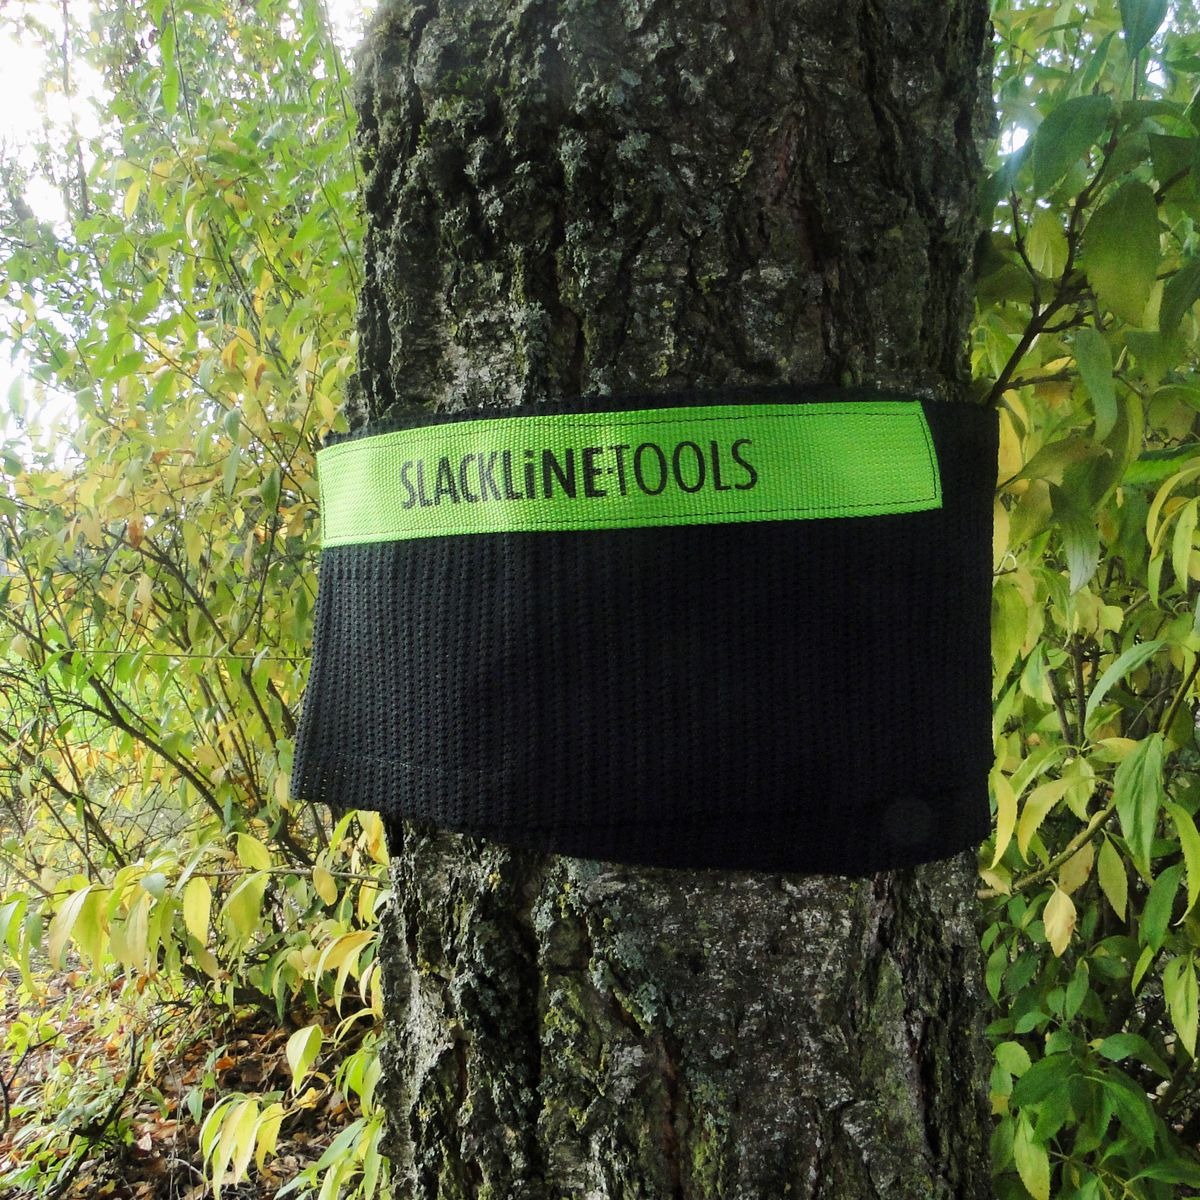 Verursachen Slacklines Schäden an Bäumen?